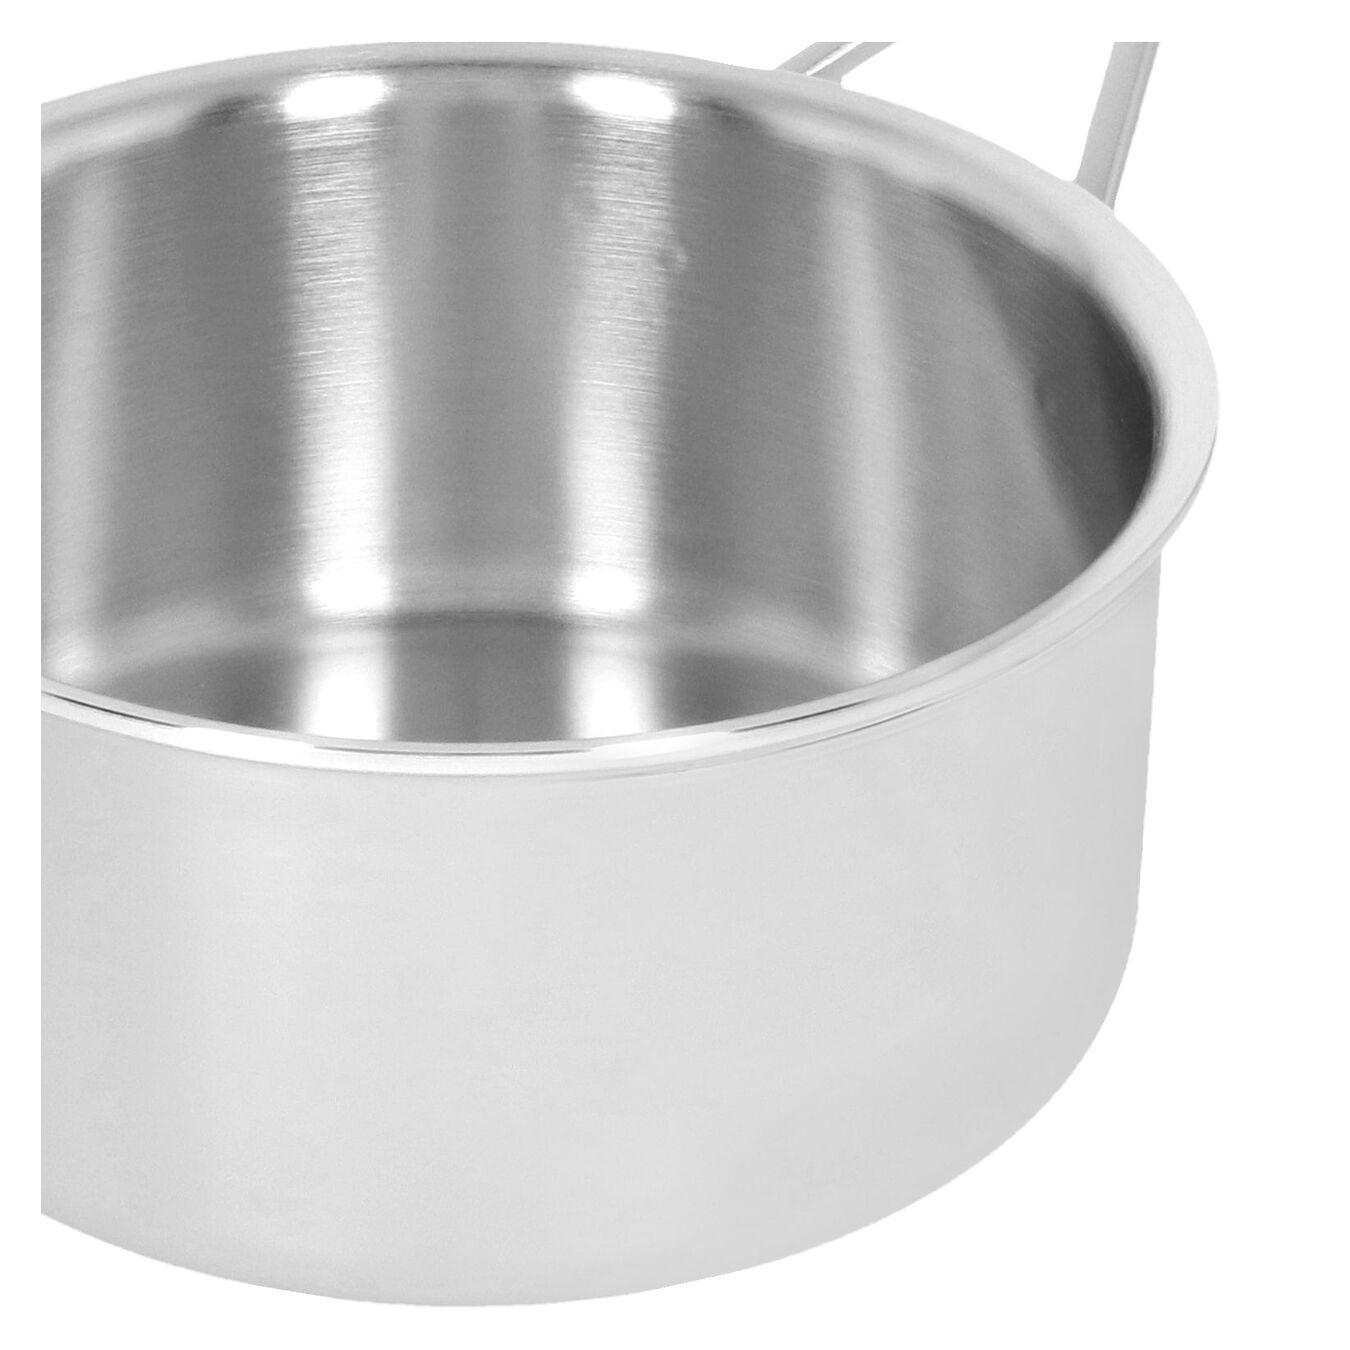 Casseruola con manico con coperchio - 18 cm, 18/10 acciaio inossidabile,,large 5